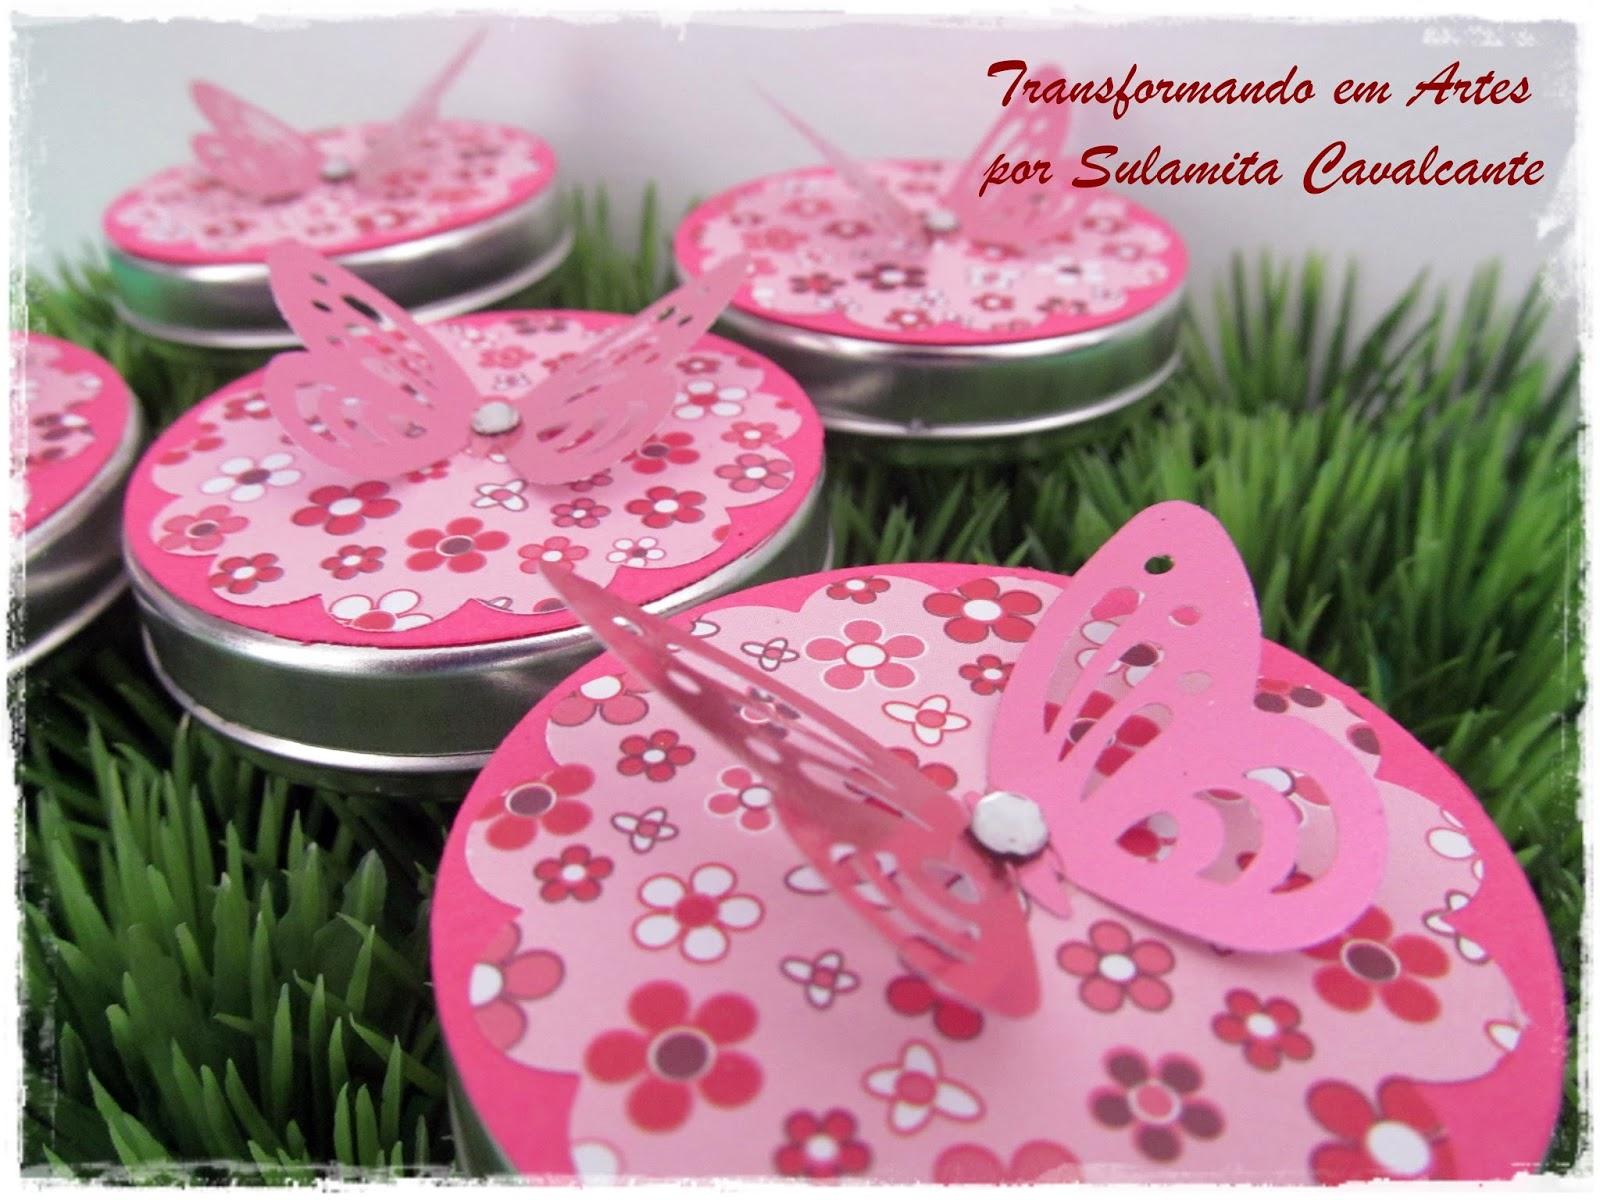 decoracao de aniversario jardim das borboletas:Transformando em Artes: FESTA JARDIM DAS BORBOLETAS